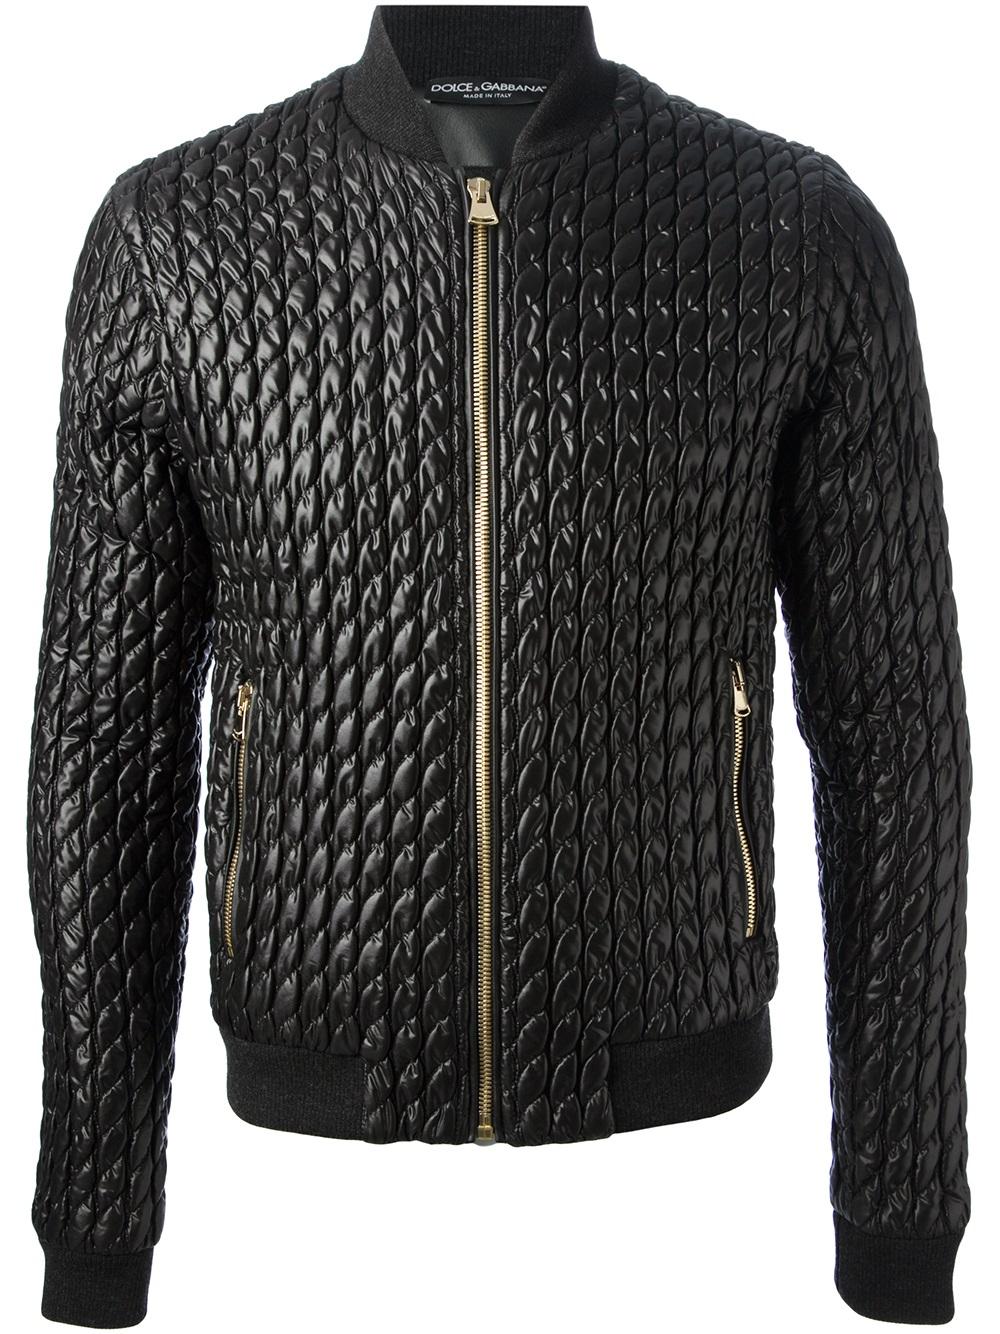 lyst dolce gabbana quilted jacket in black for men. Black Bedroom Furniture Sets. Home Design Ideas